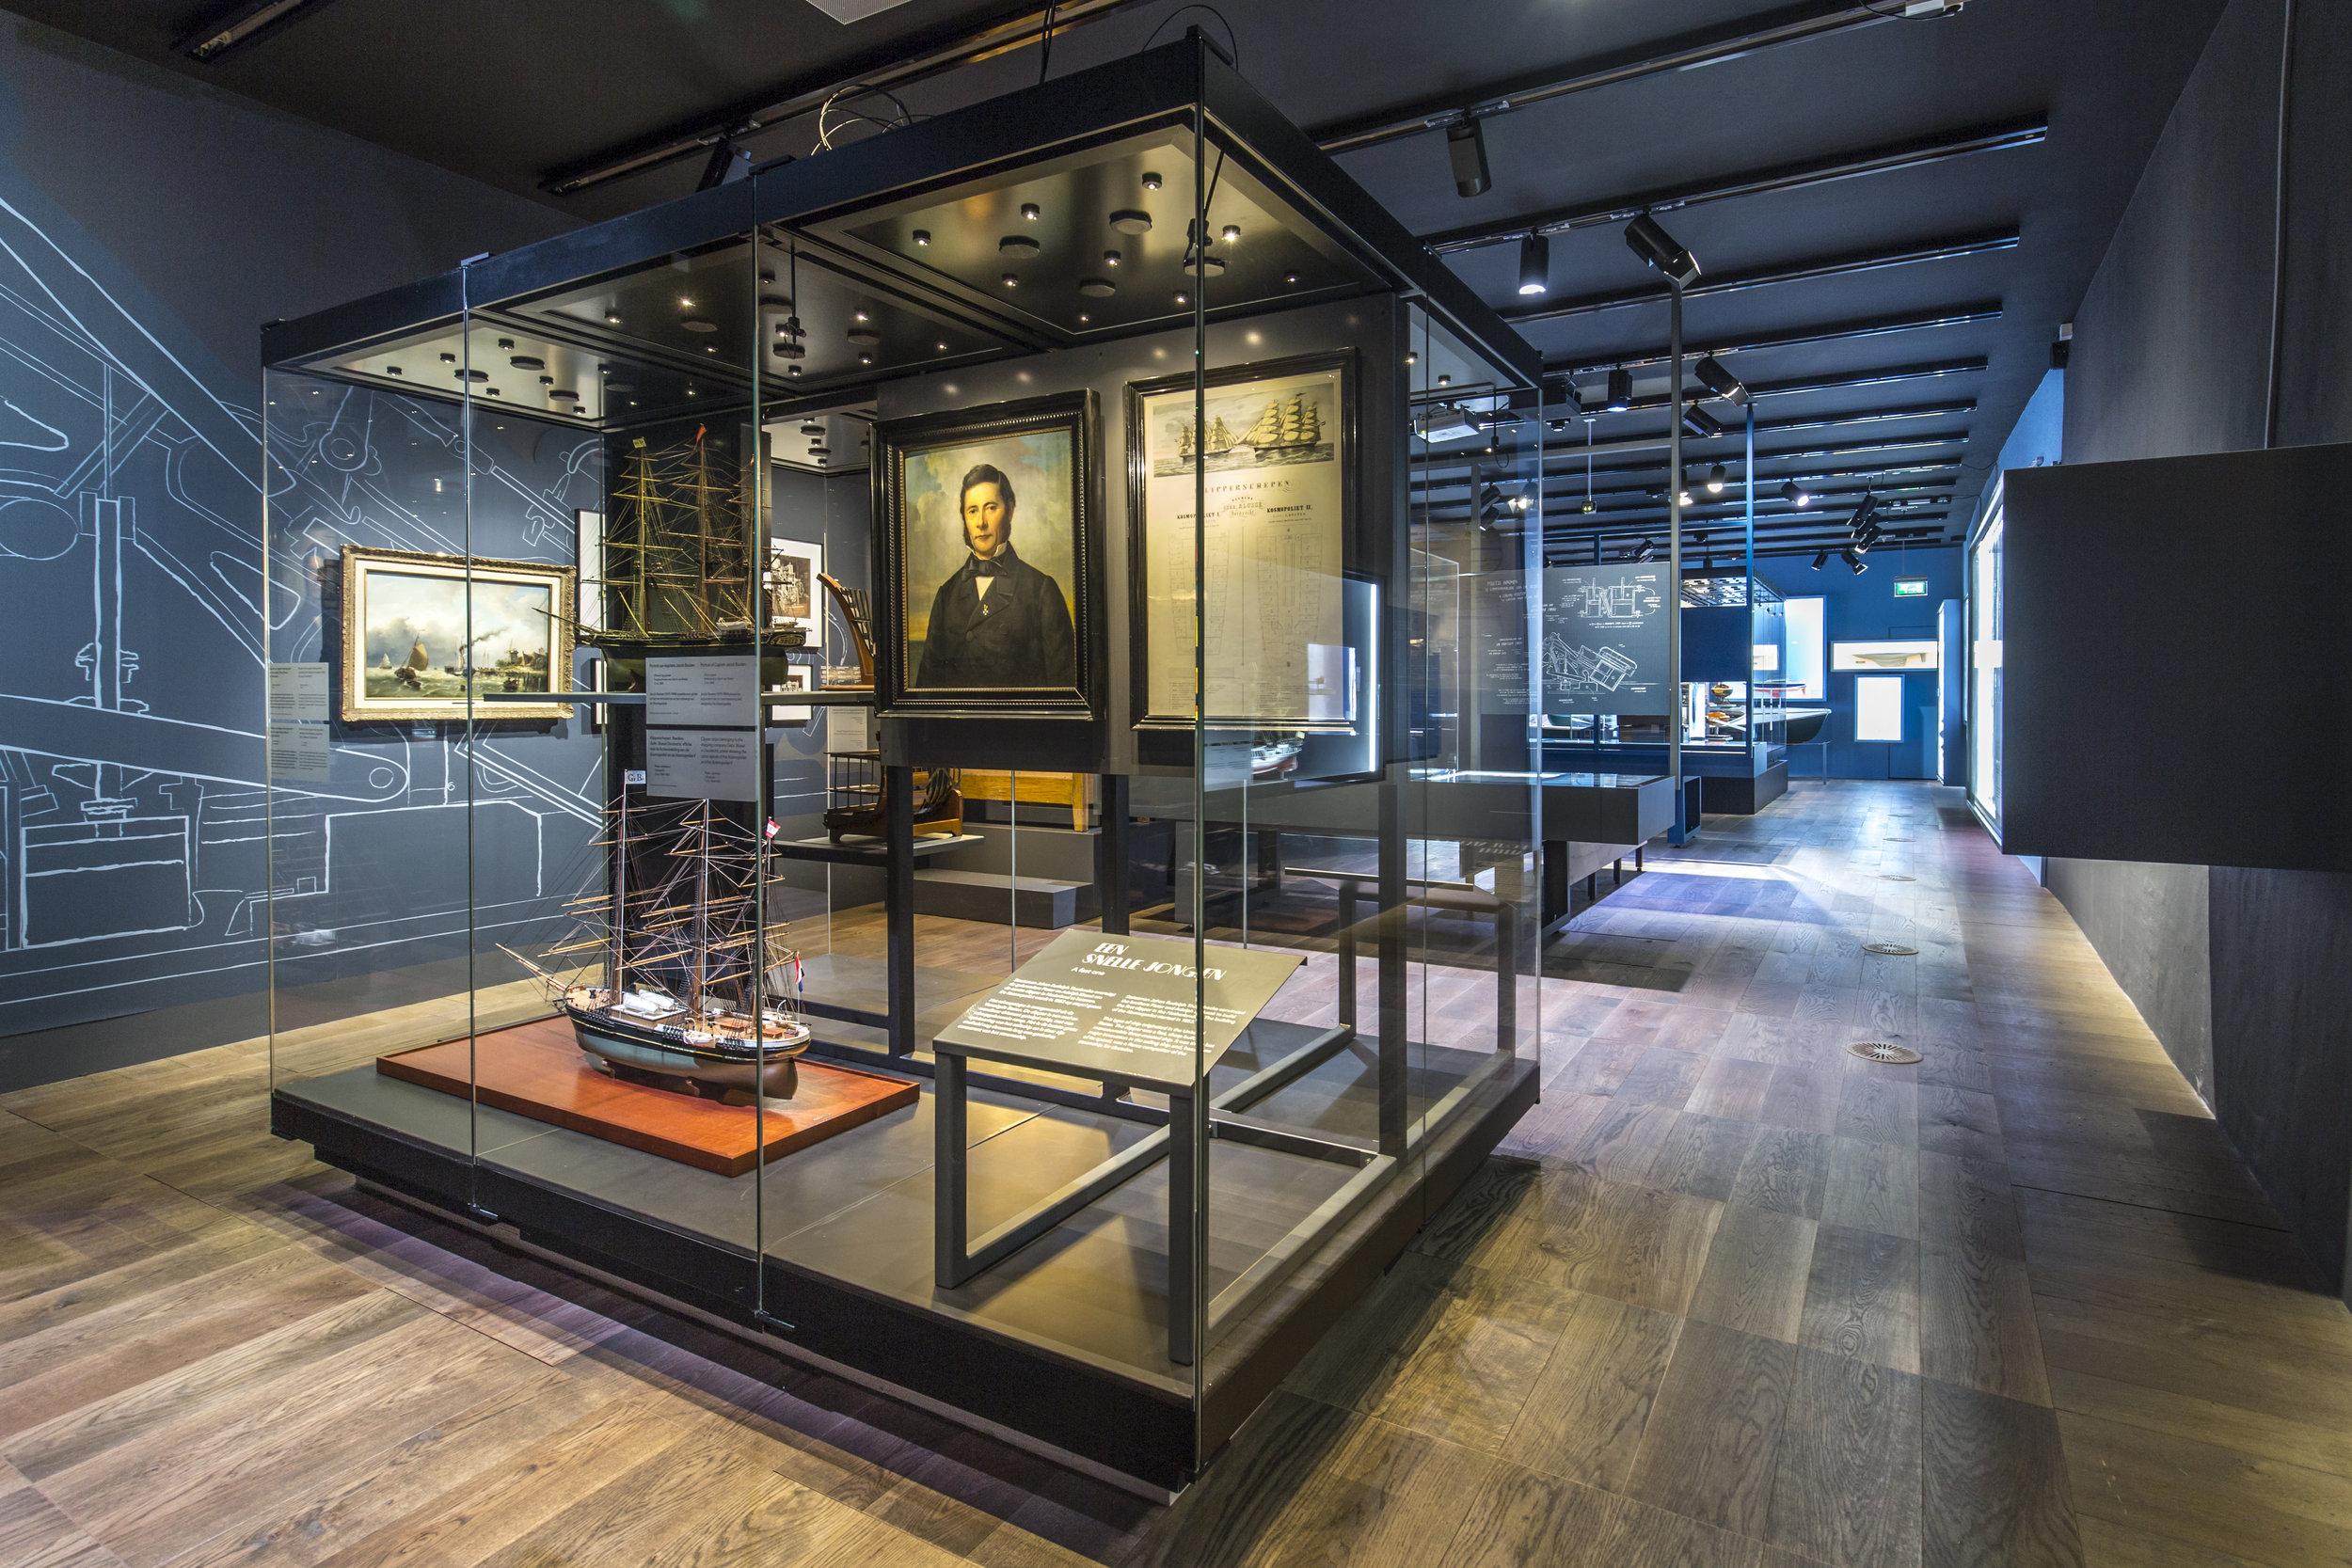 scheepvaart-museum-zaal3-10.jpg